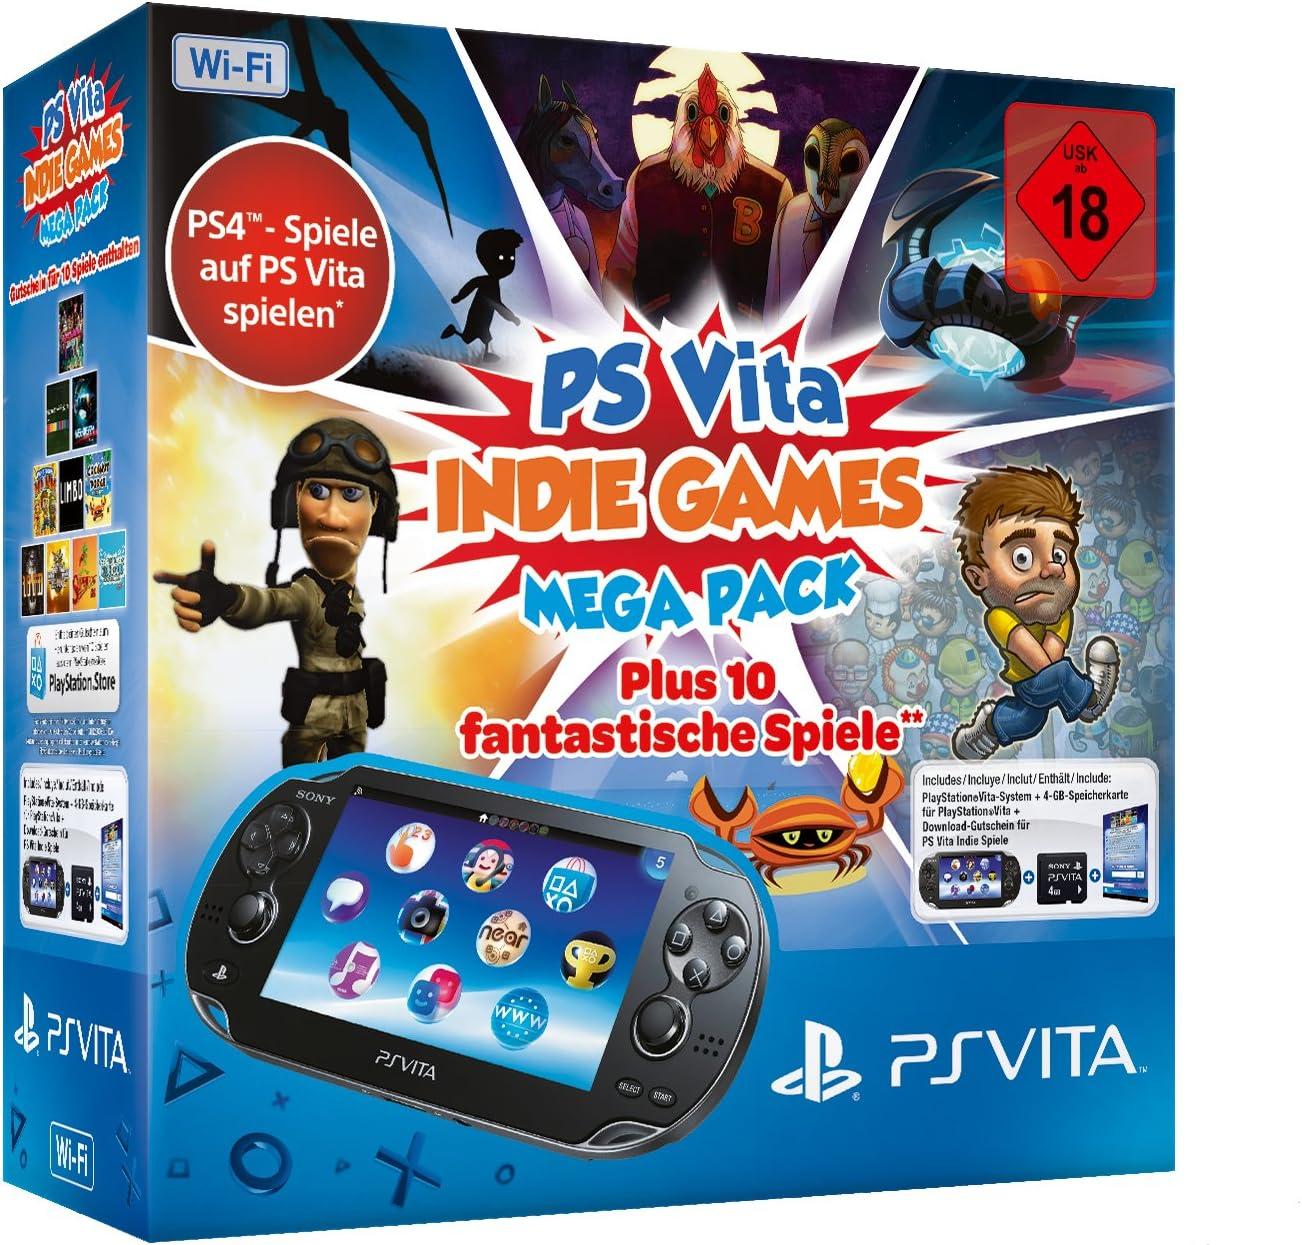 Sony PS Vita WiFi - Indie Games Mega Pack - videoconsolas ...